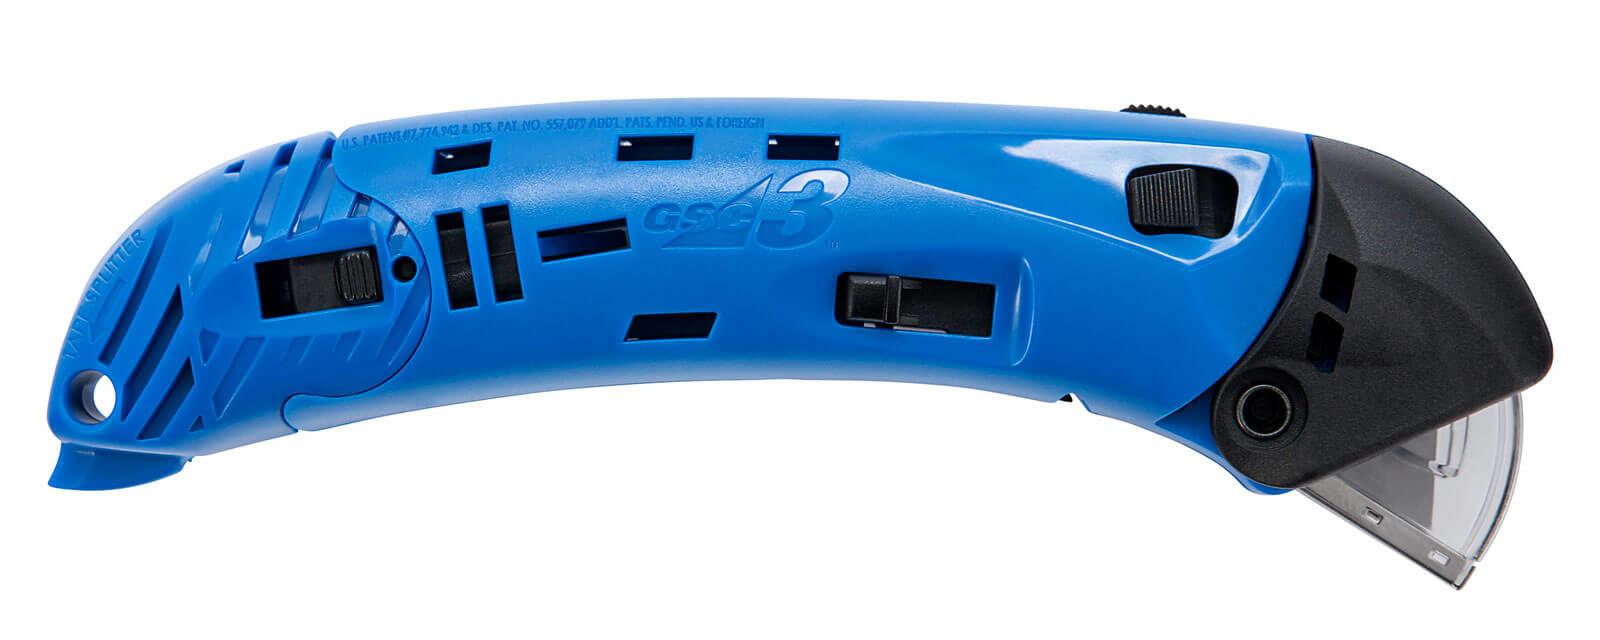 U030-Sicherheitsmesser-extra-sicher-Basic-Hood-PHC-GSC3-CURT-tools_1600